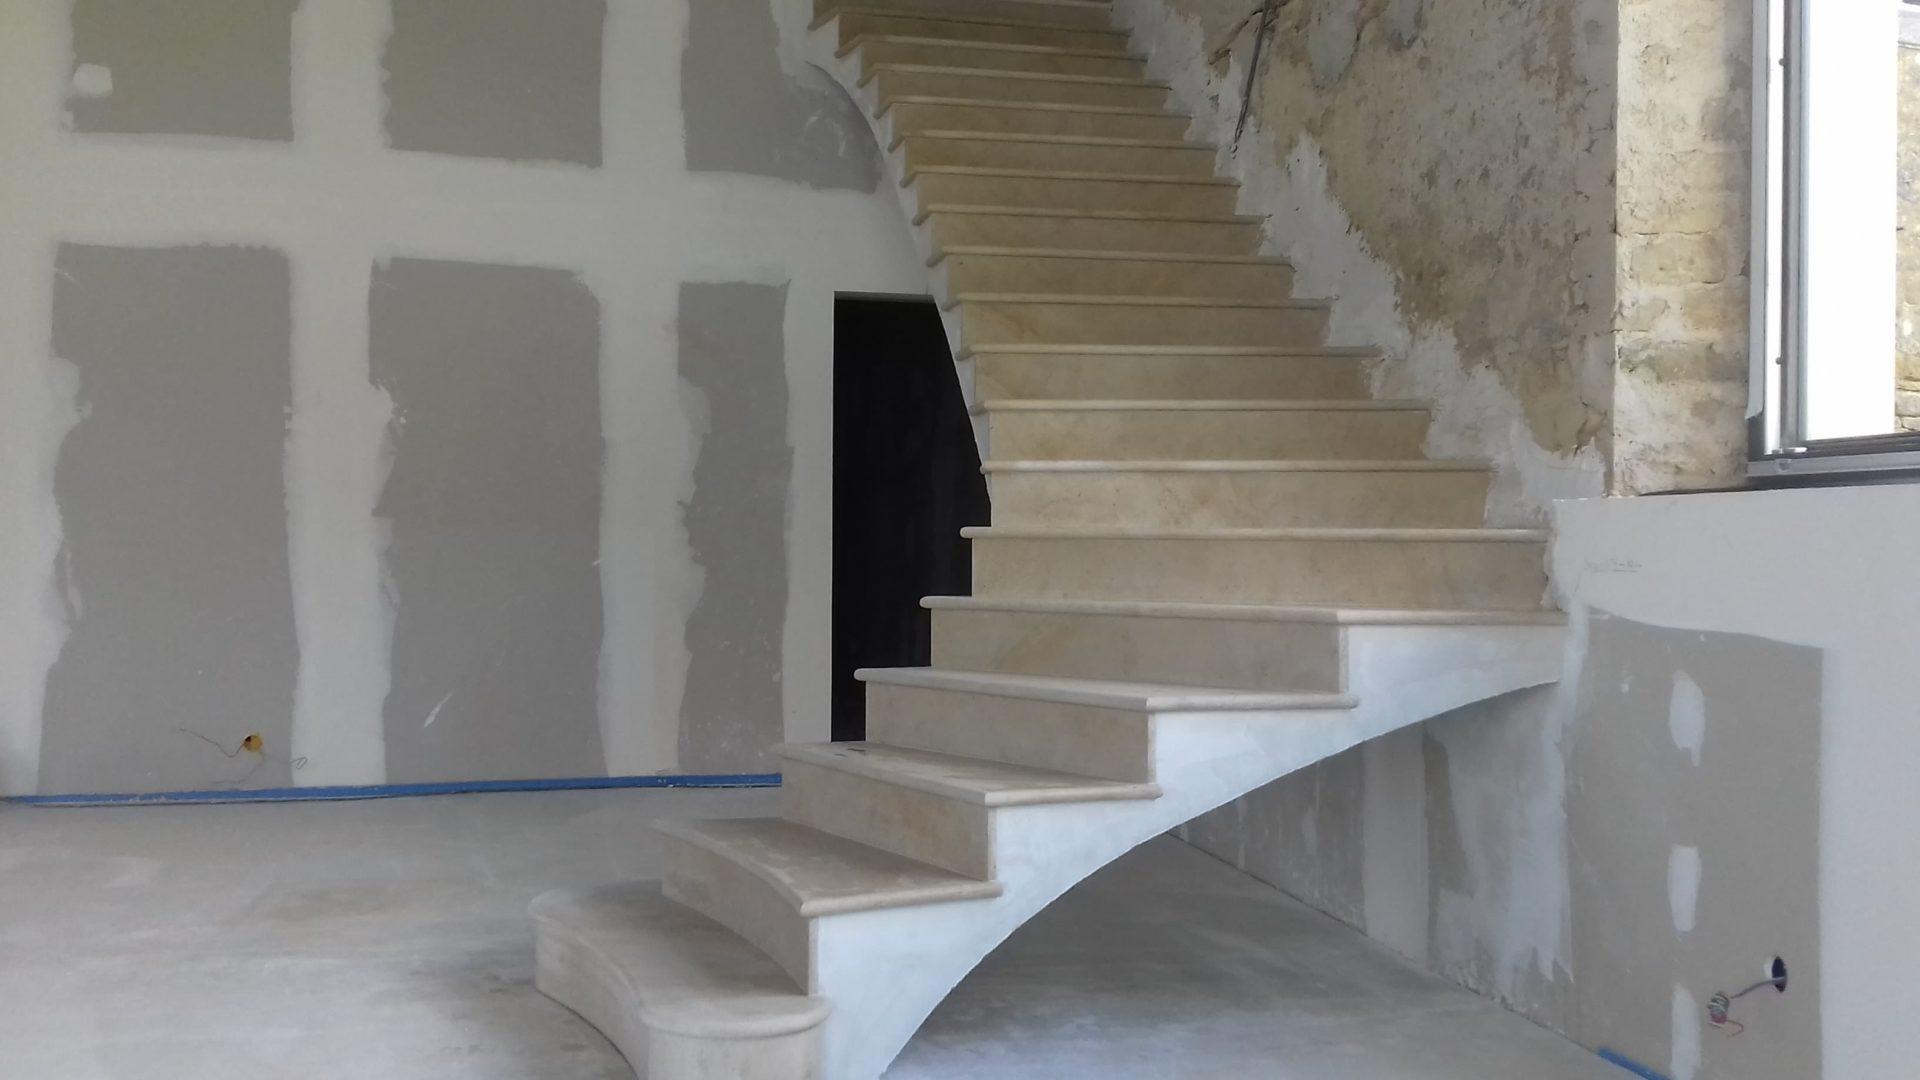 Escalier Bois Entre Deux Murs qu'est ce qu'un escalier en voûte sarrasine ? • sebeler